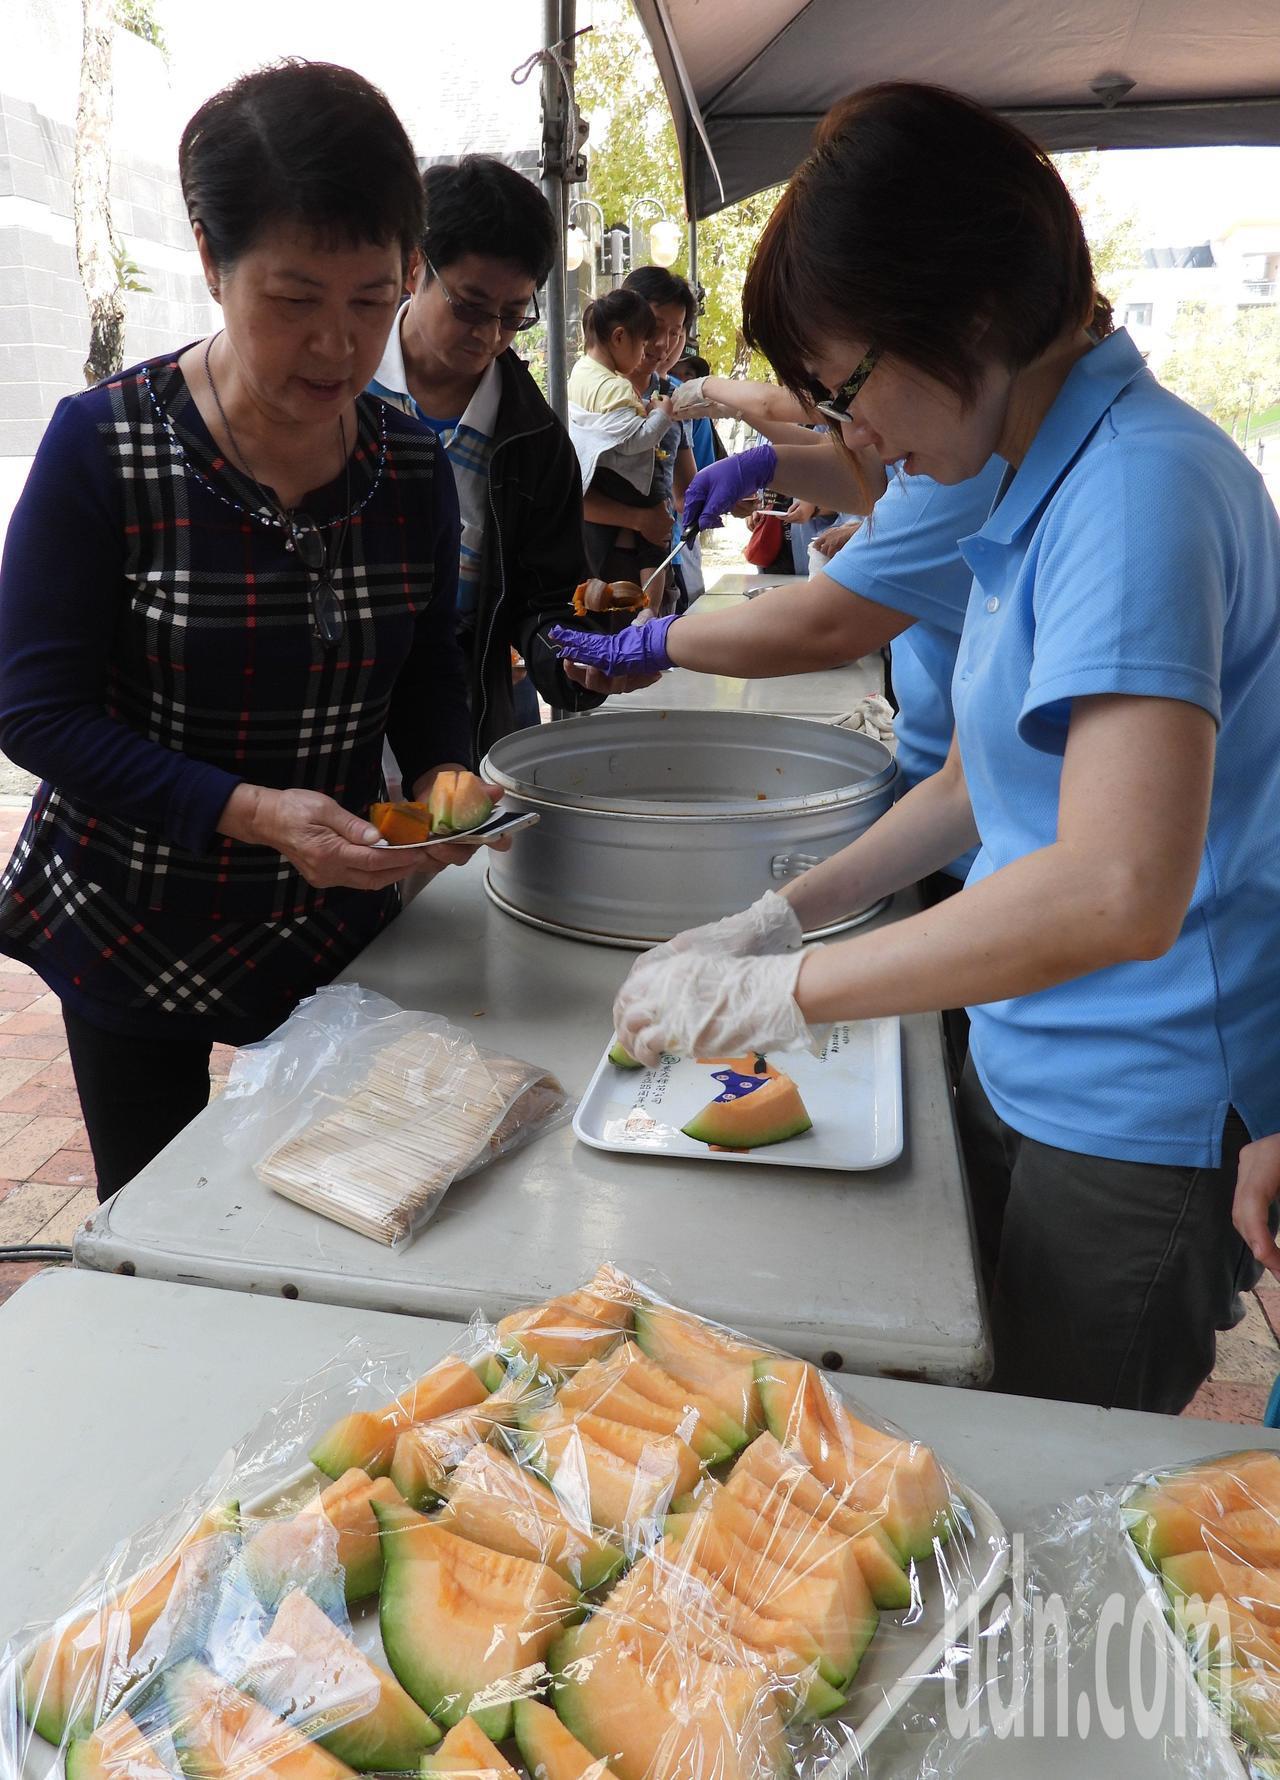 農改場提供各式瓜果供民眾品嘗。記者周宗禎/攝影